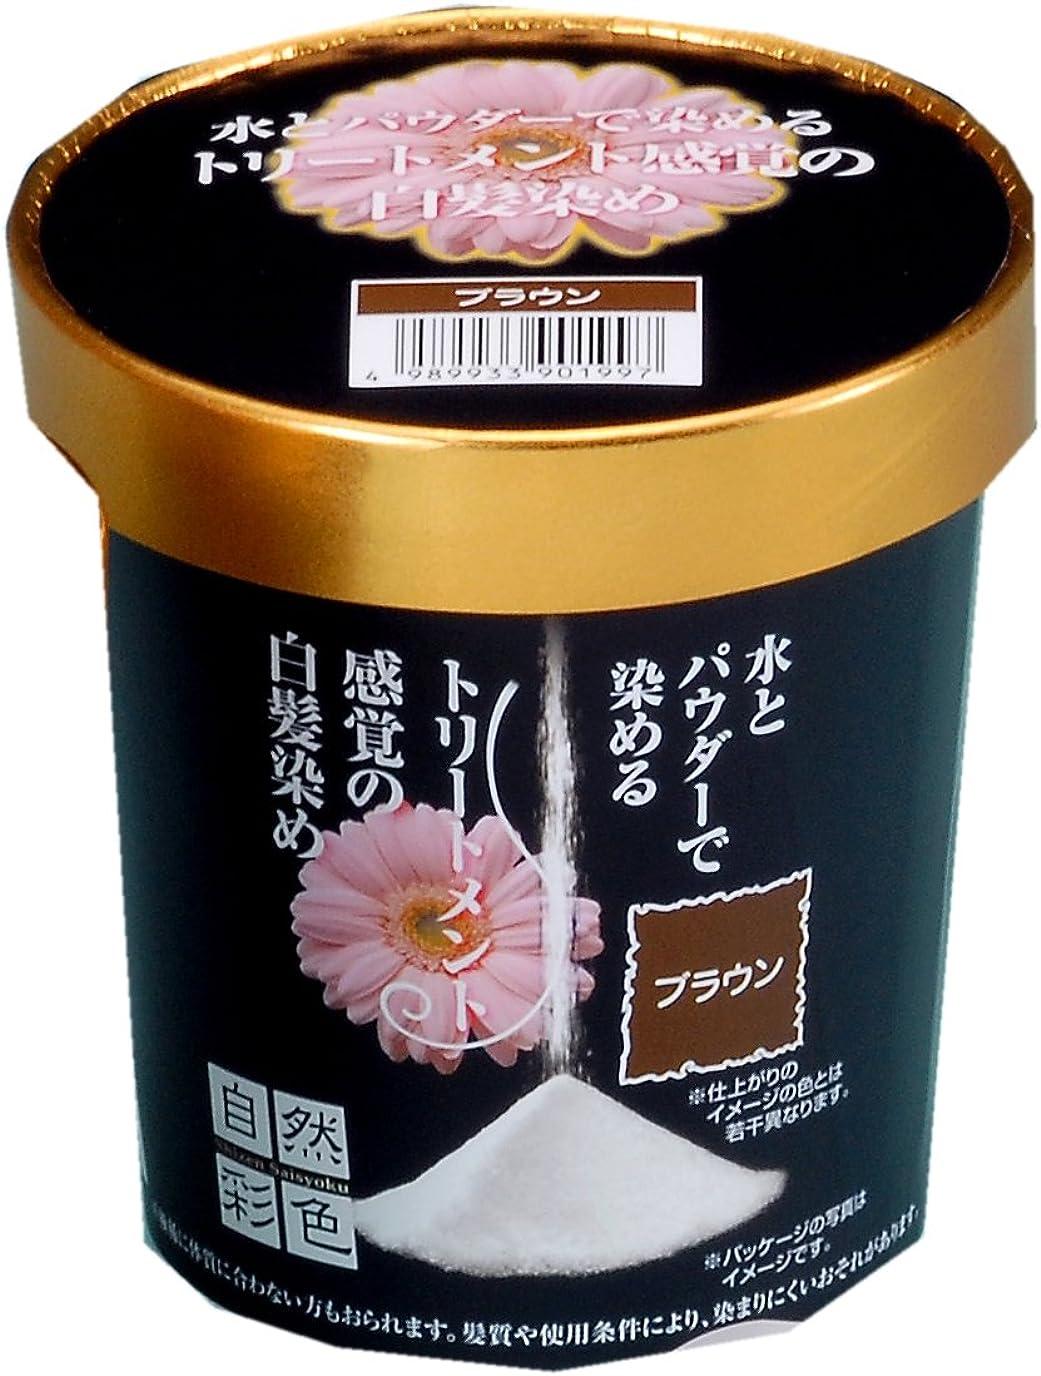 水星基本的な香り自然彩色 白髪染め 染美A ナチュラルブラウン 30g